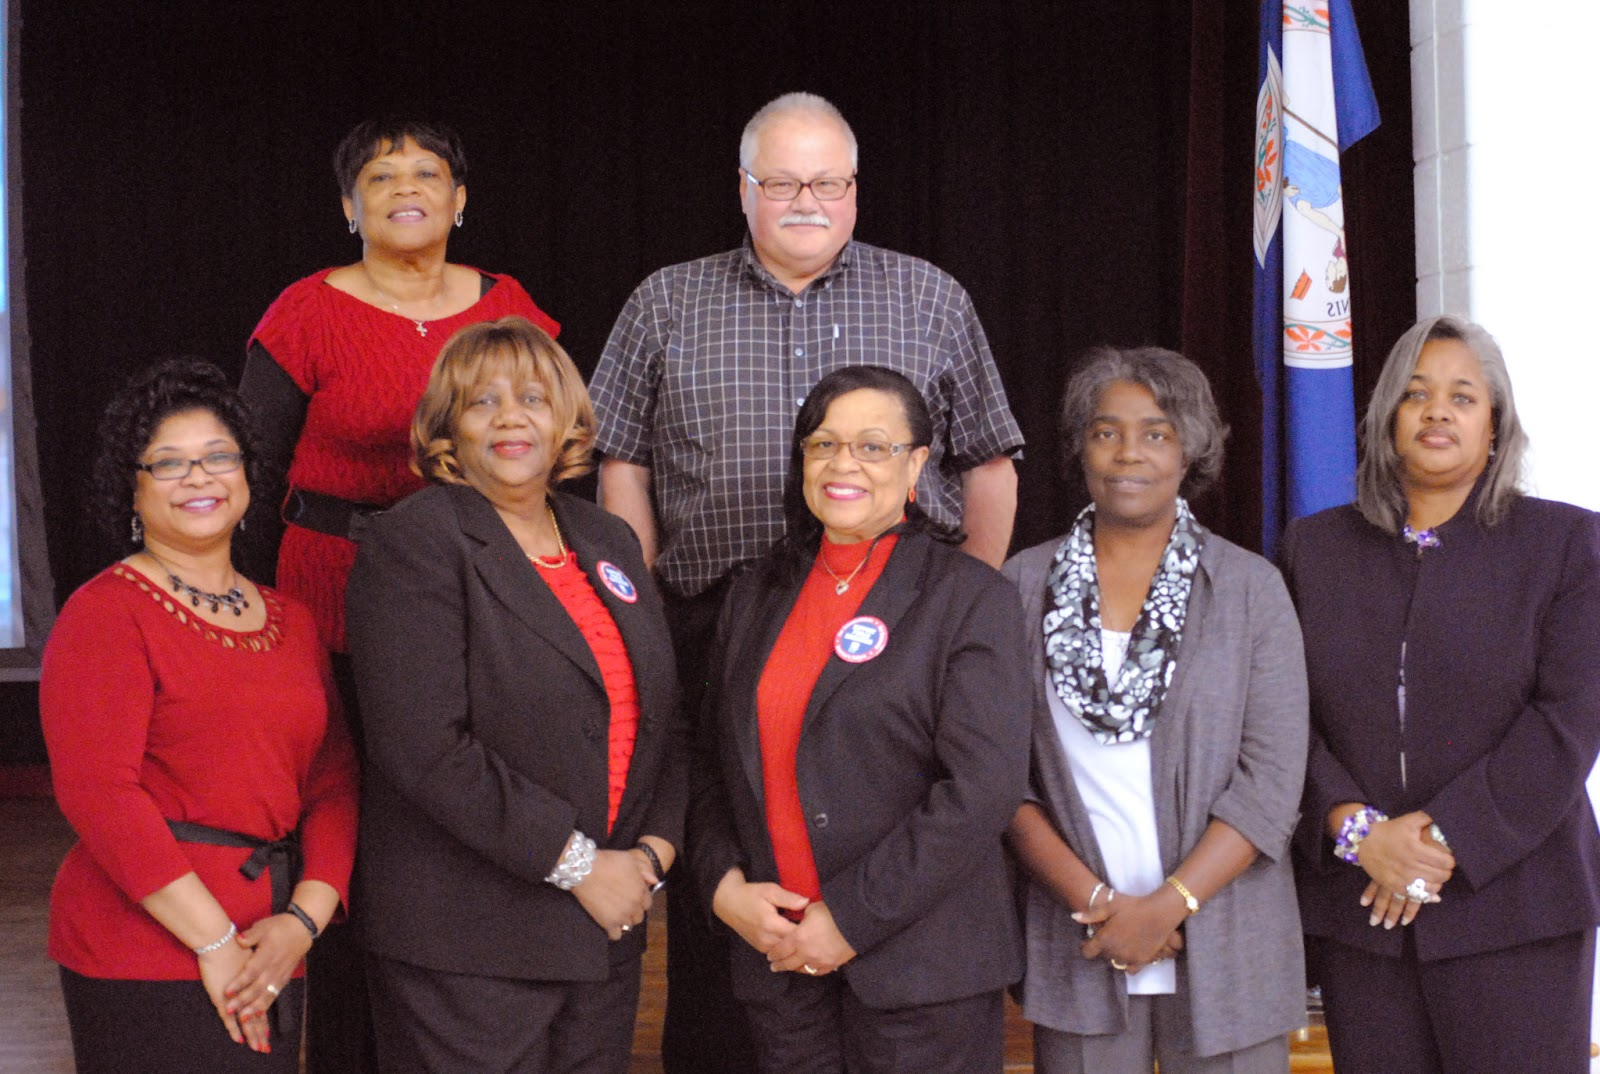 elsie dennis thanked school boardclerk lynne jones and deputy clerk